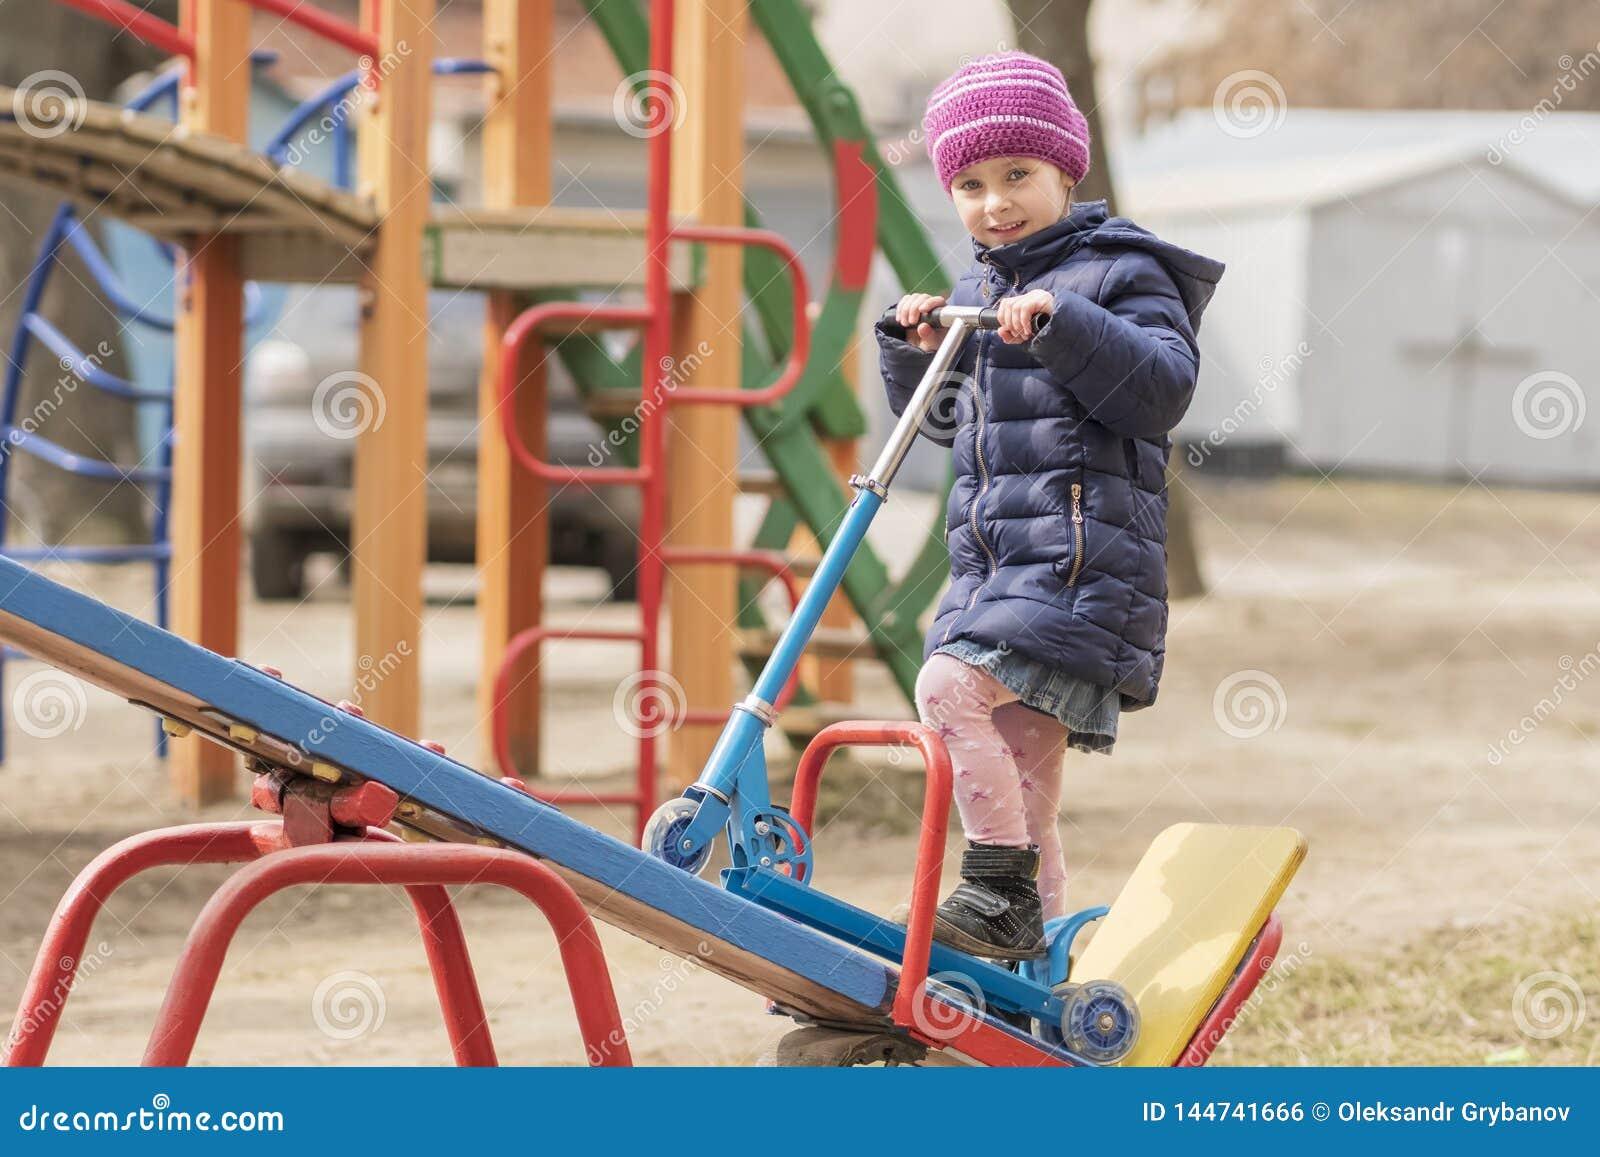 Kind met schopautoped op de speelplaats